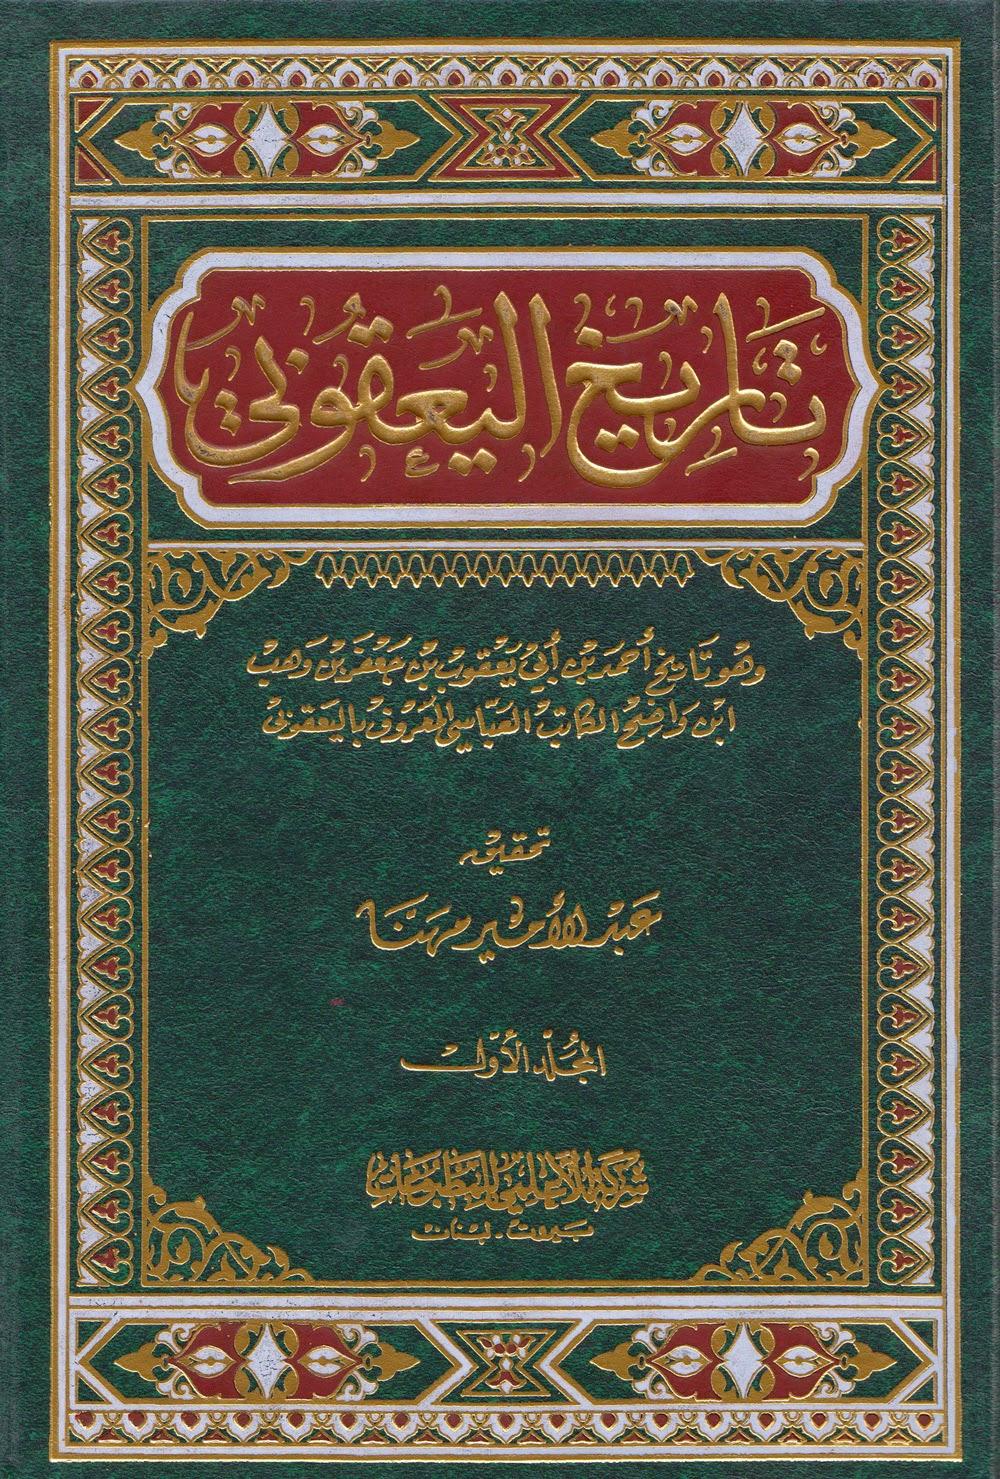 كتاب تاريخ اليعقوبي